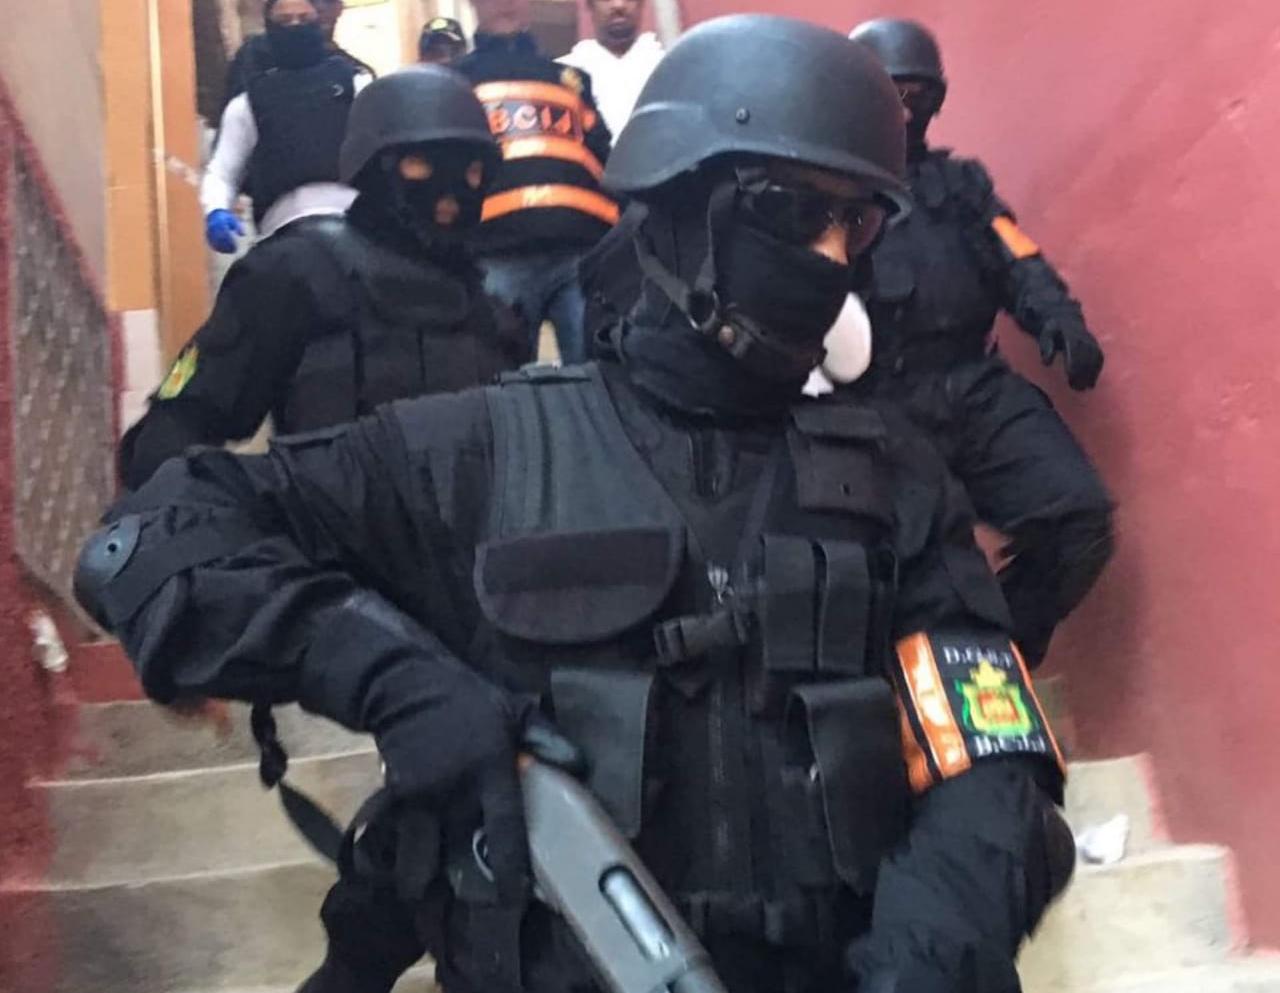 خطير.. ارهابيون يخطّطون للقيام بعمليات تفجير بحانات سيدي بوزيد بالجديدة (التفاصييل الكاملة)